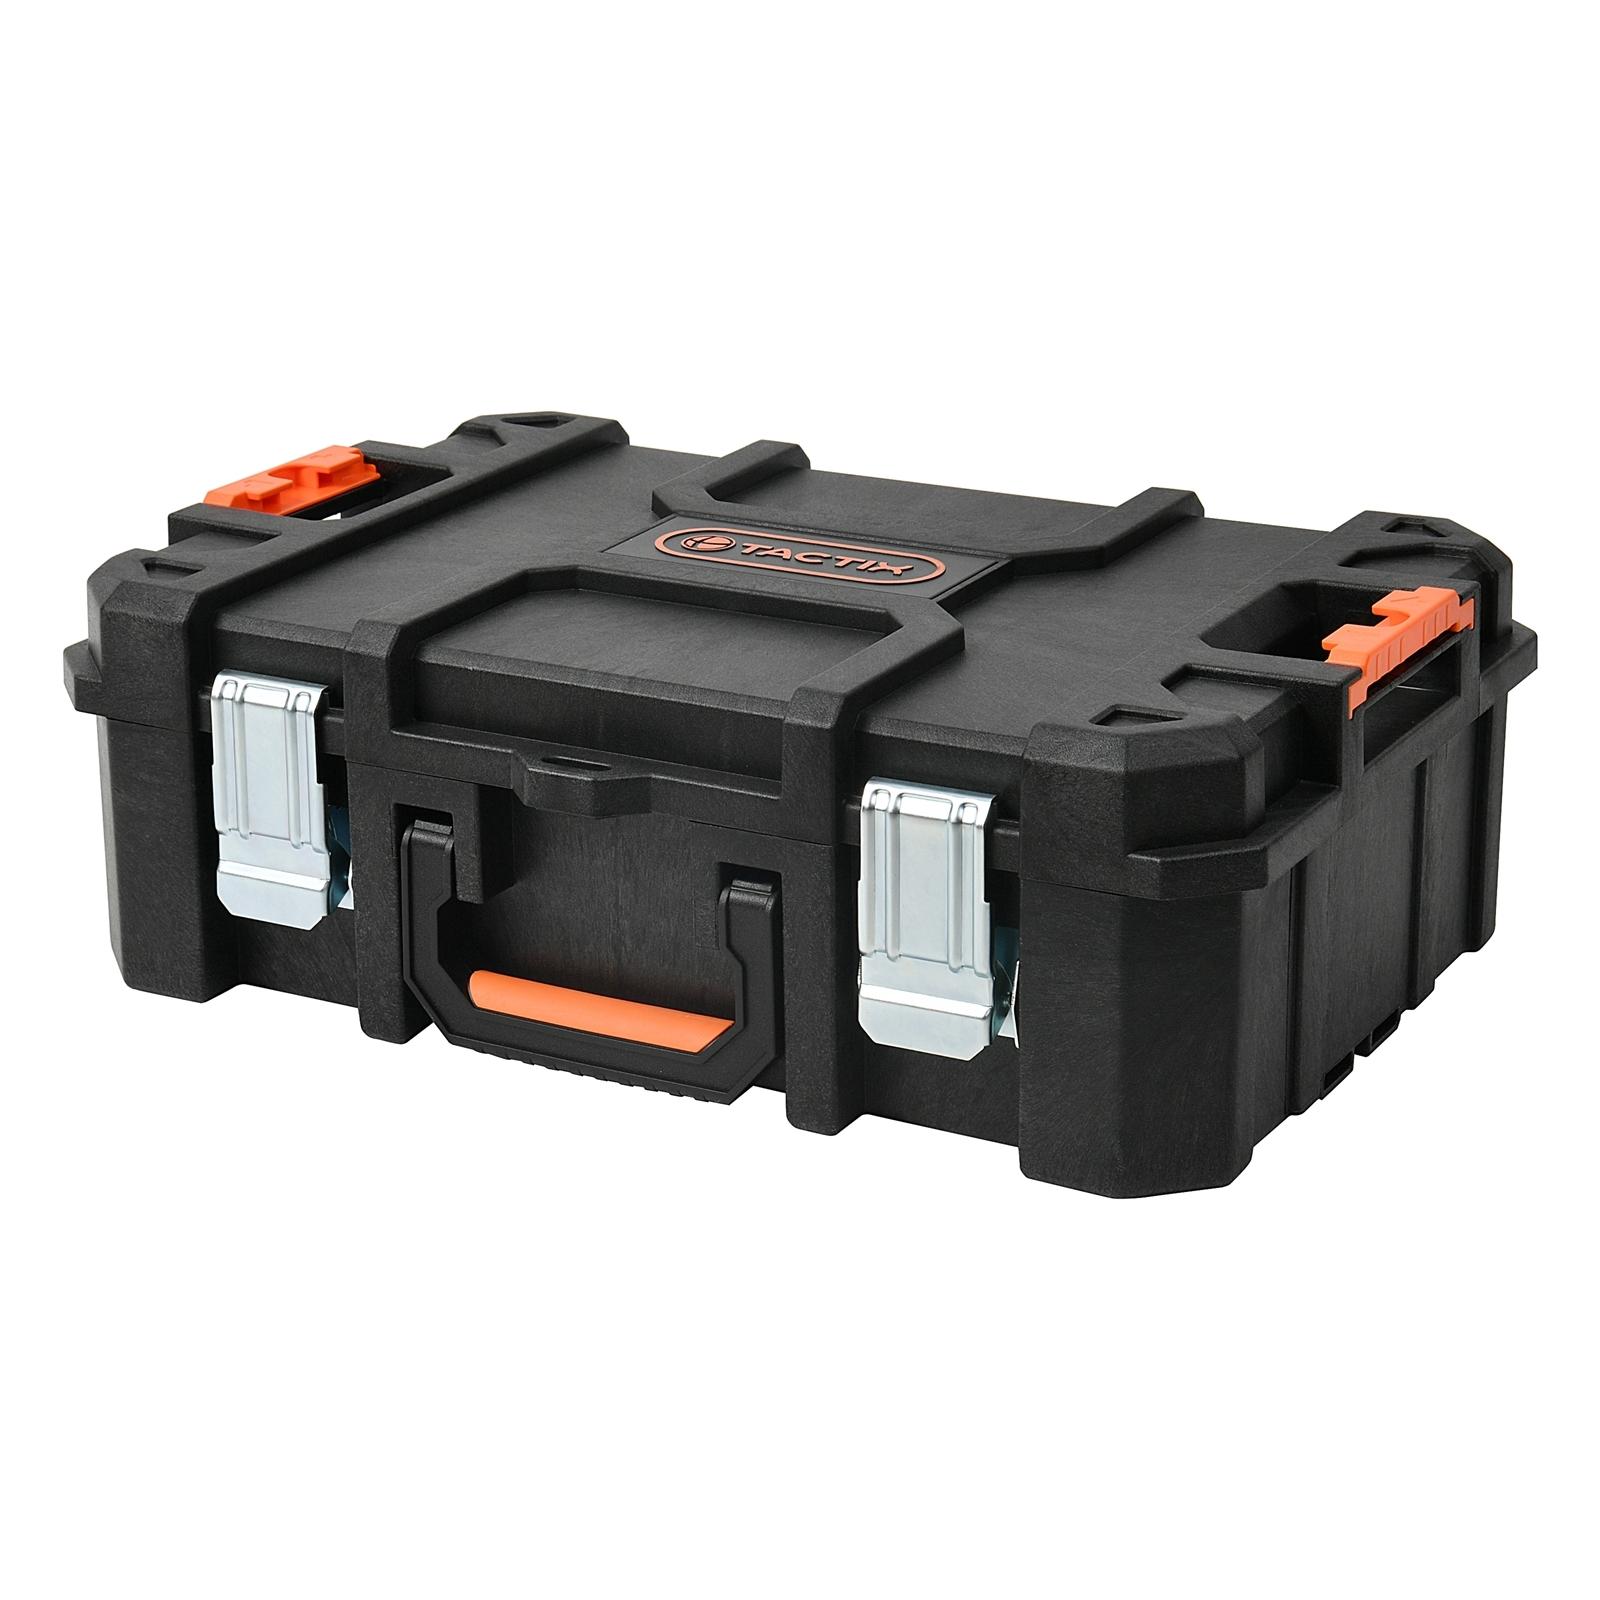 Tactix Modular Portable Technician Case